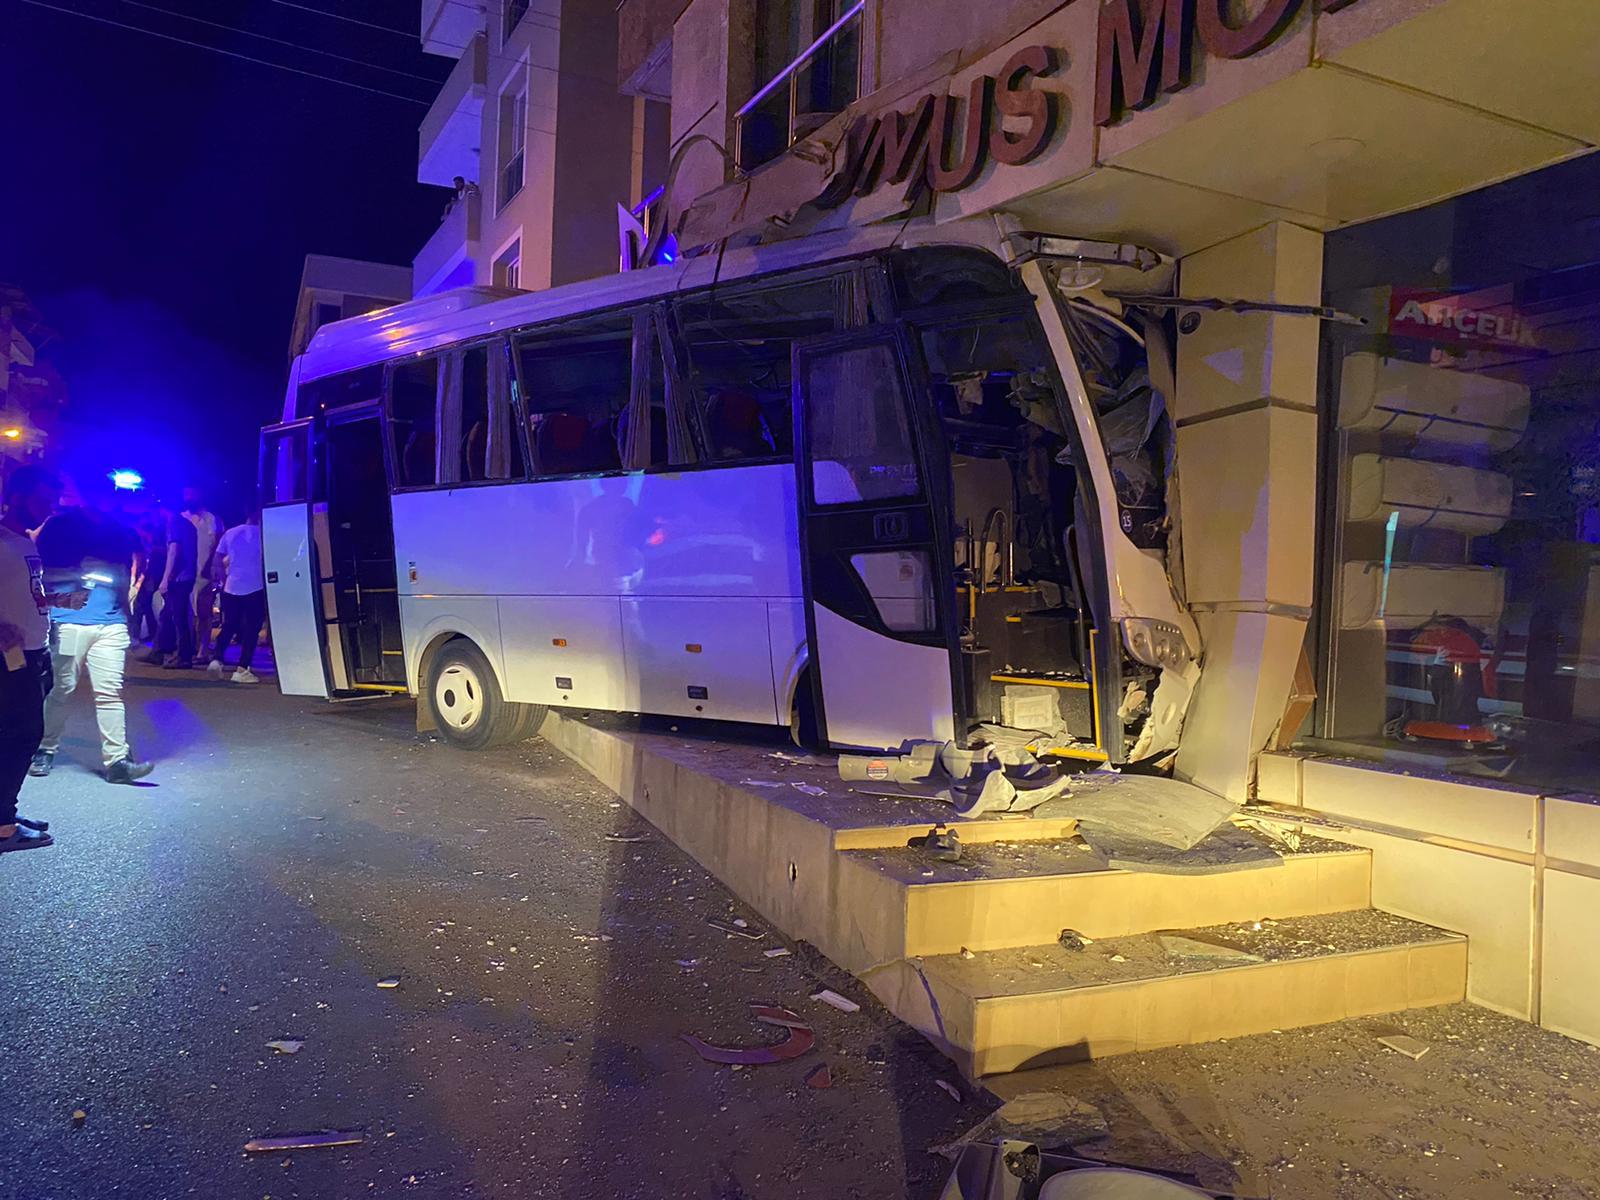 12 مصابًا بدخول باص ركاب داخل متجر في أزمير بتركيا